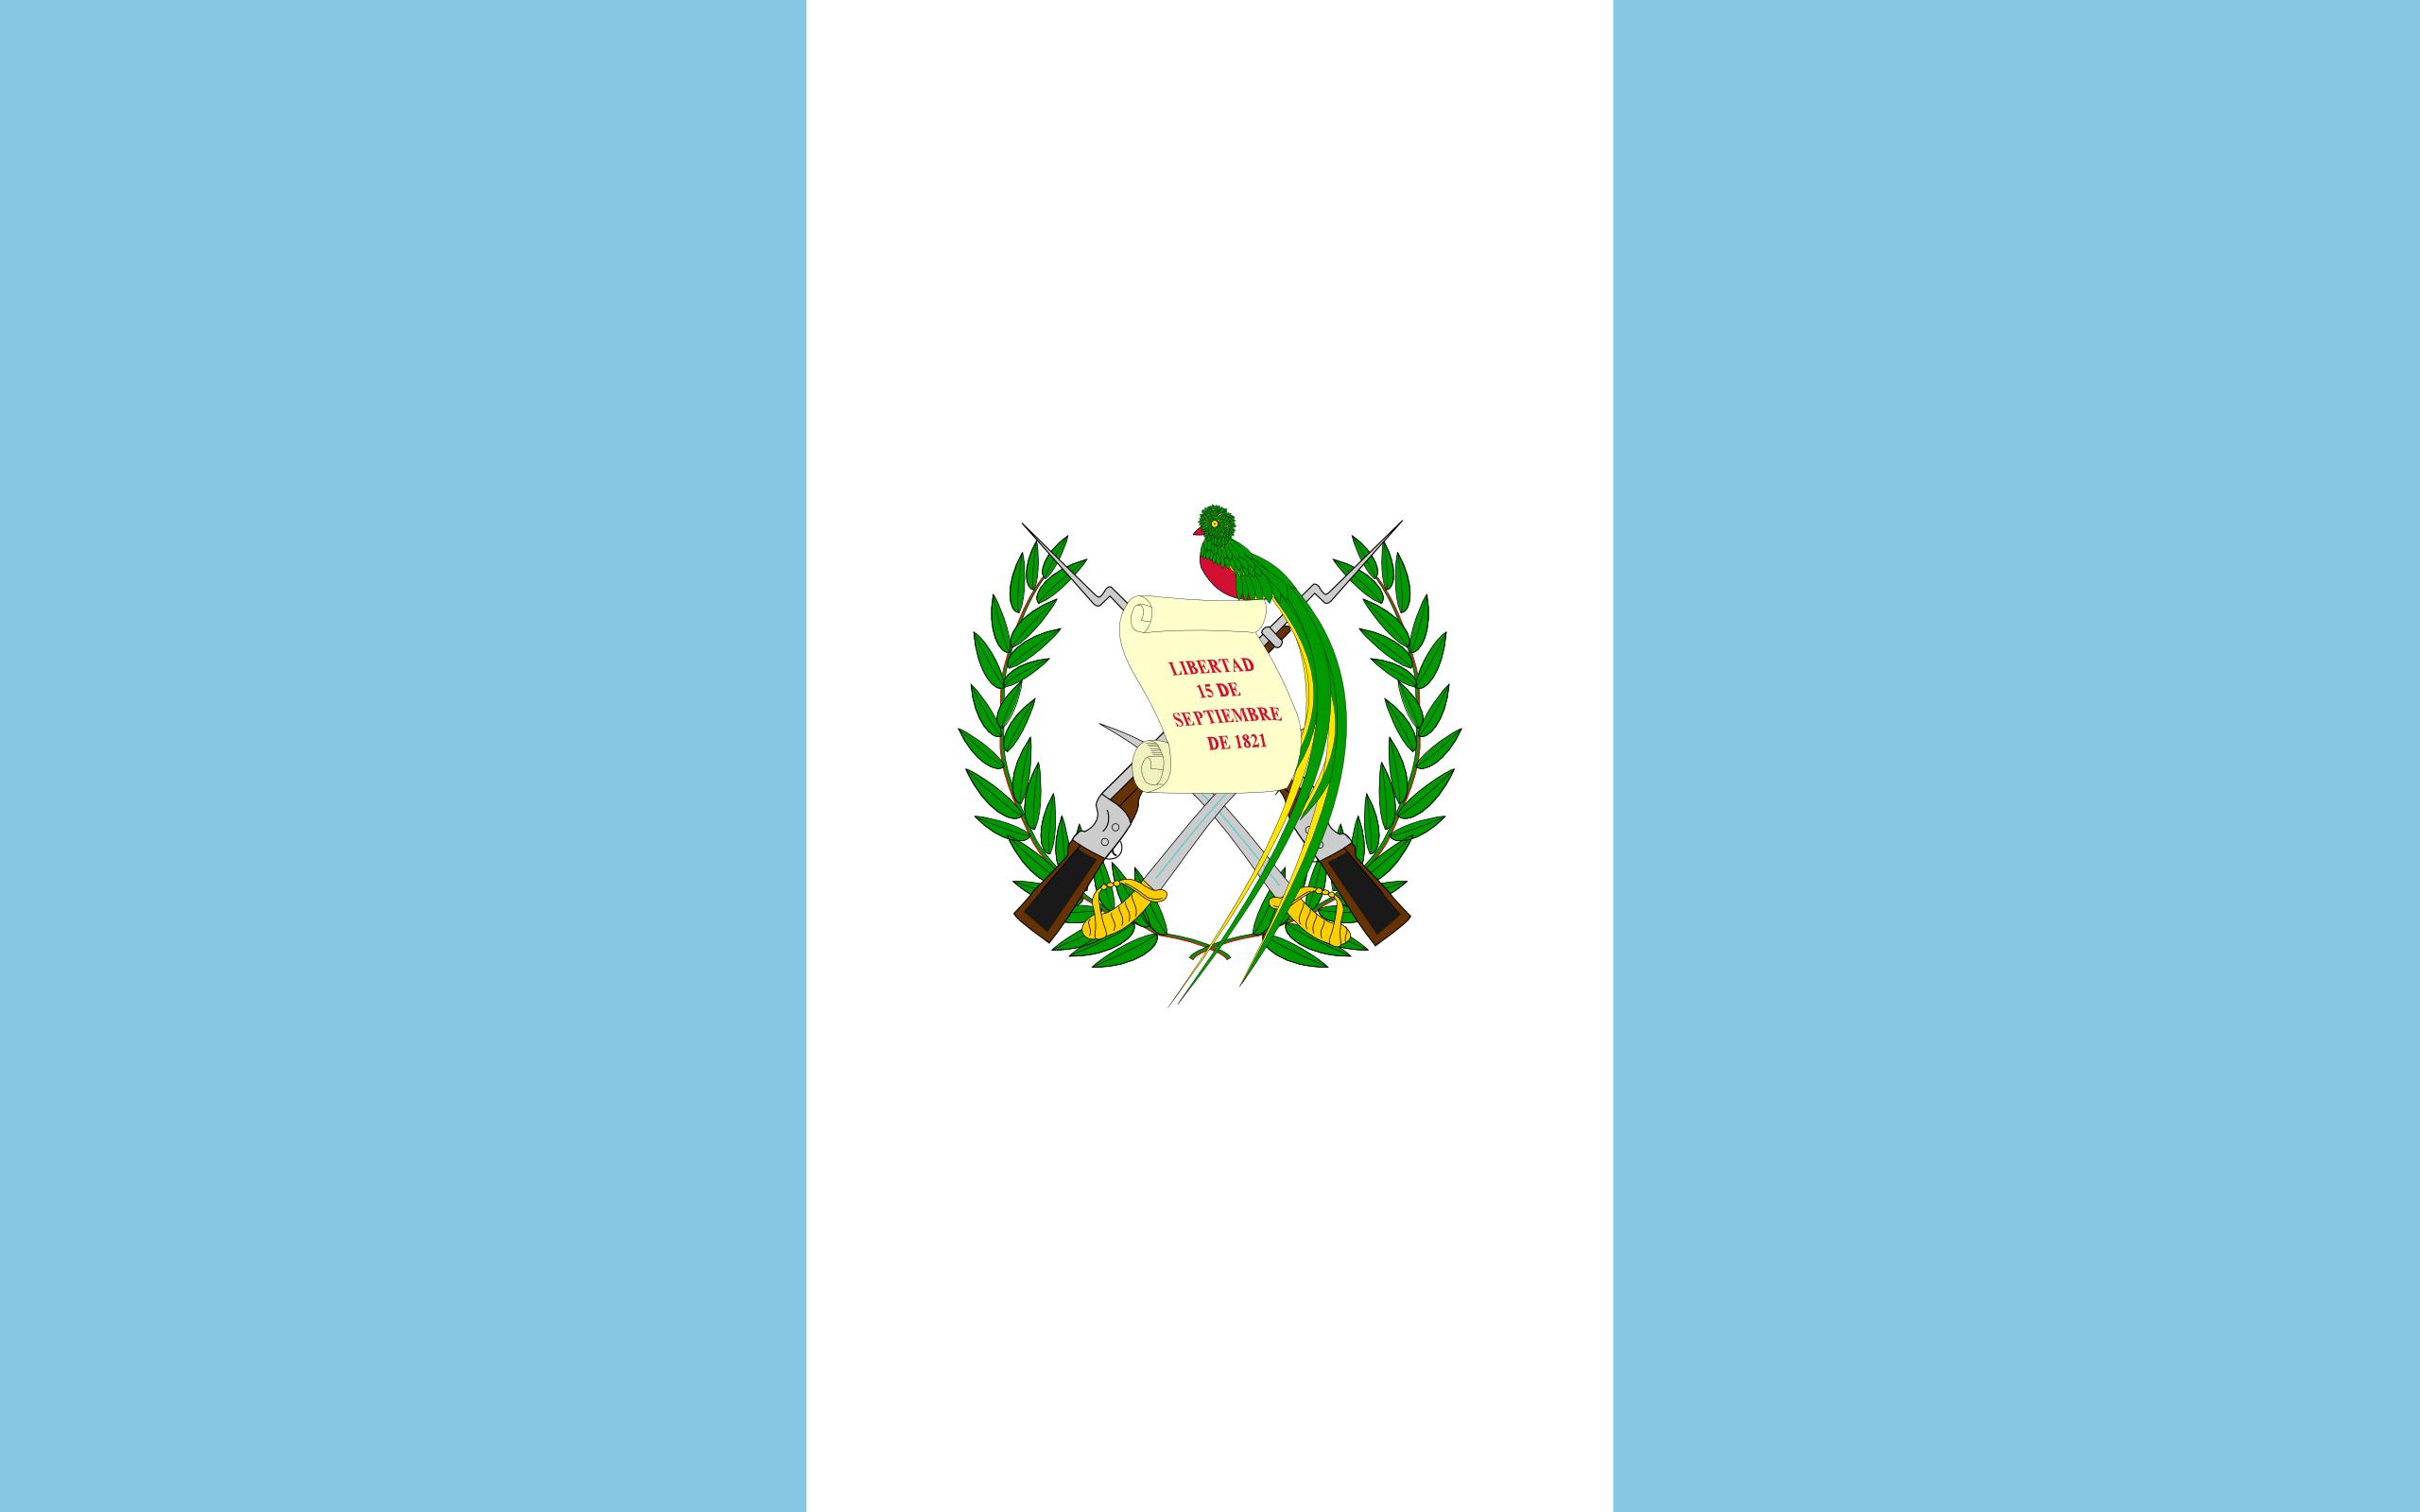 guatemala, Land, Emblem, Logo, Symbol - Wallpaper HD - Prof.-falken.com